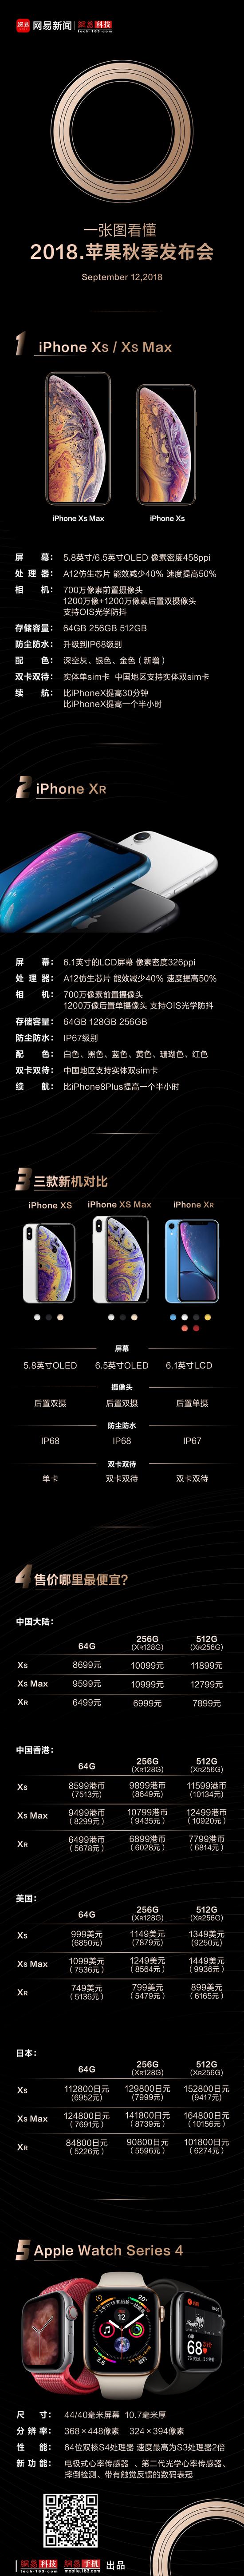 一张图看懂2018年苹果秋季发布会